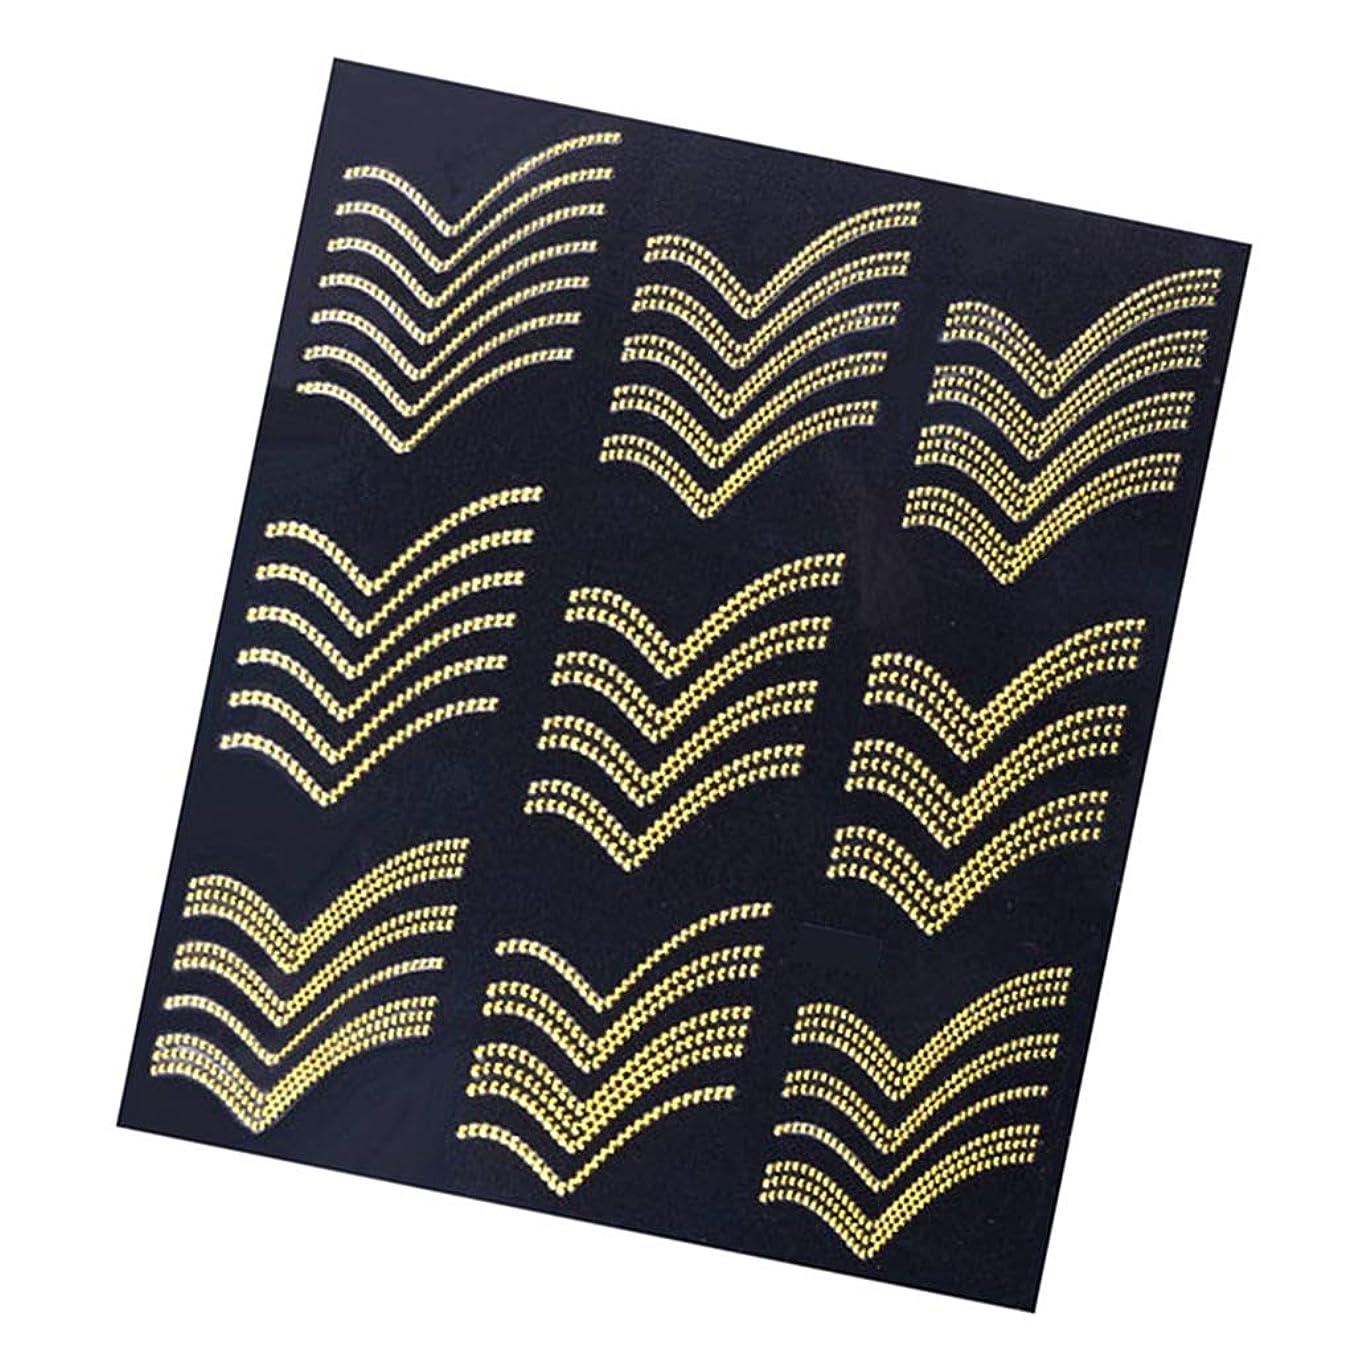 振動する積極的にフラフープネイルアート ネイルステッカー ネイル装飾 ネイルシール 3D 自己接着 ゴールド全8選択 - #5